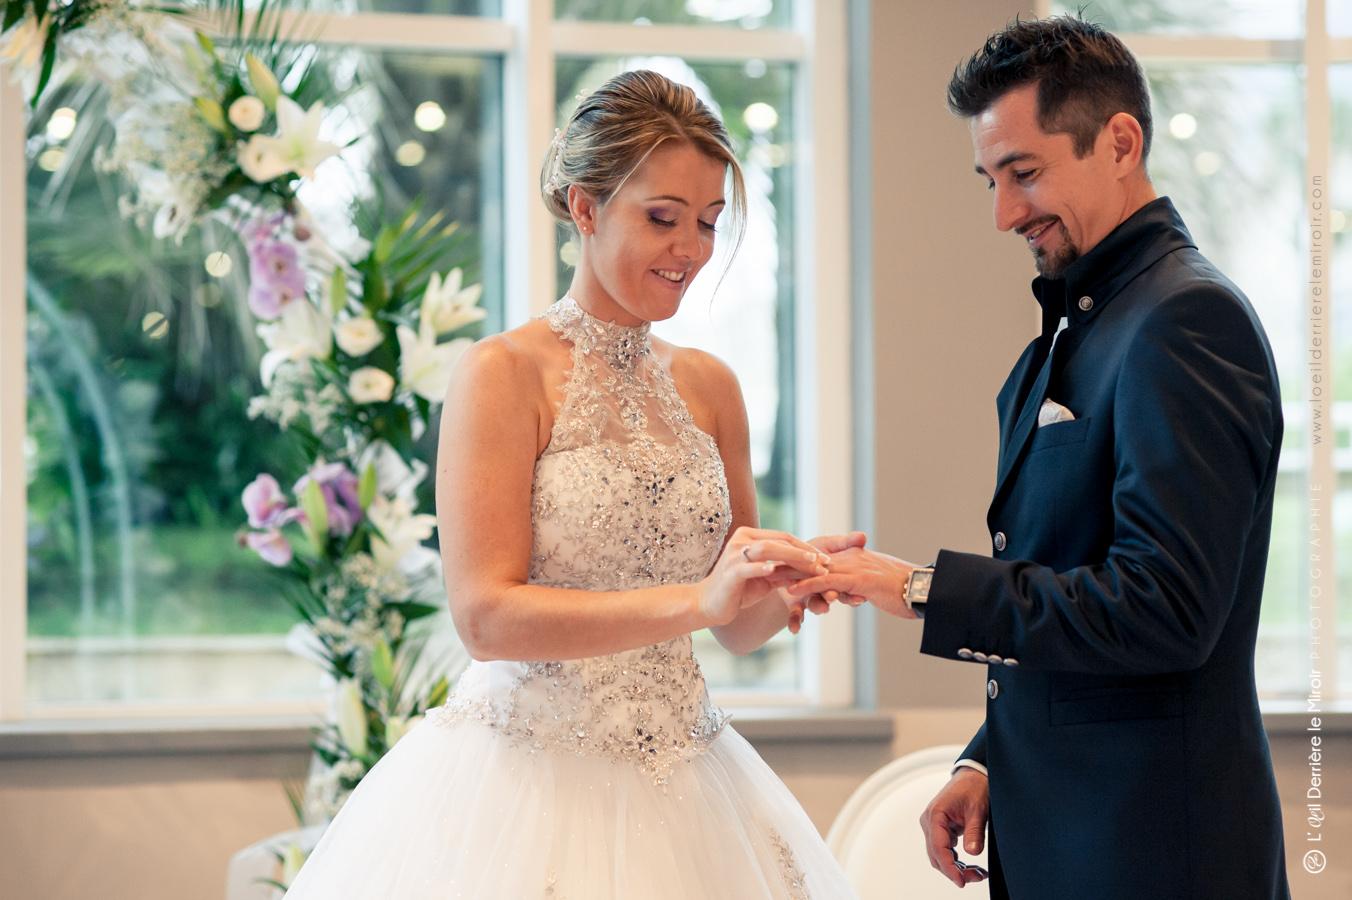 Photographe-mariage-monaco-loeilderrierelemiroir-056